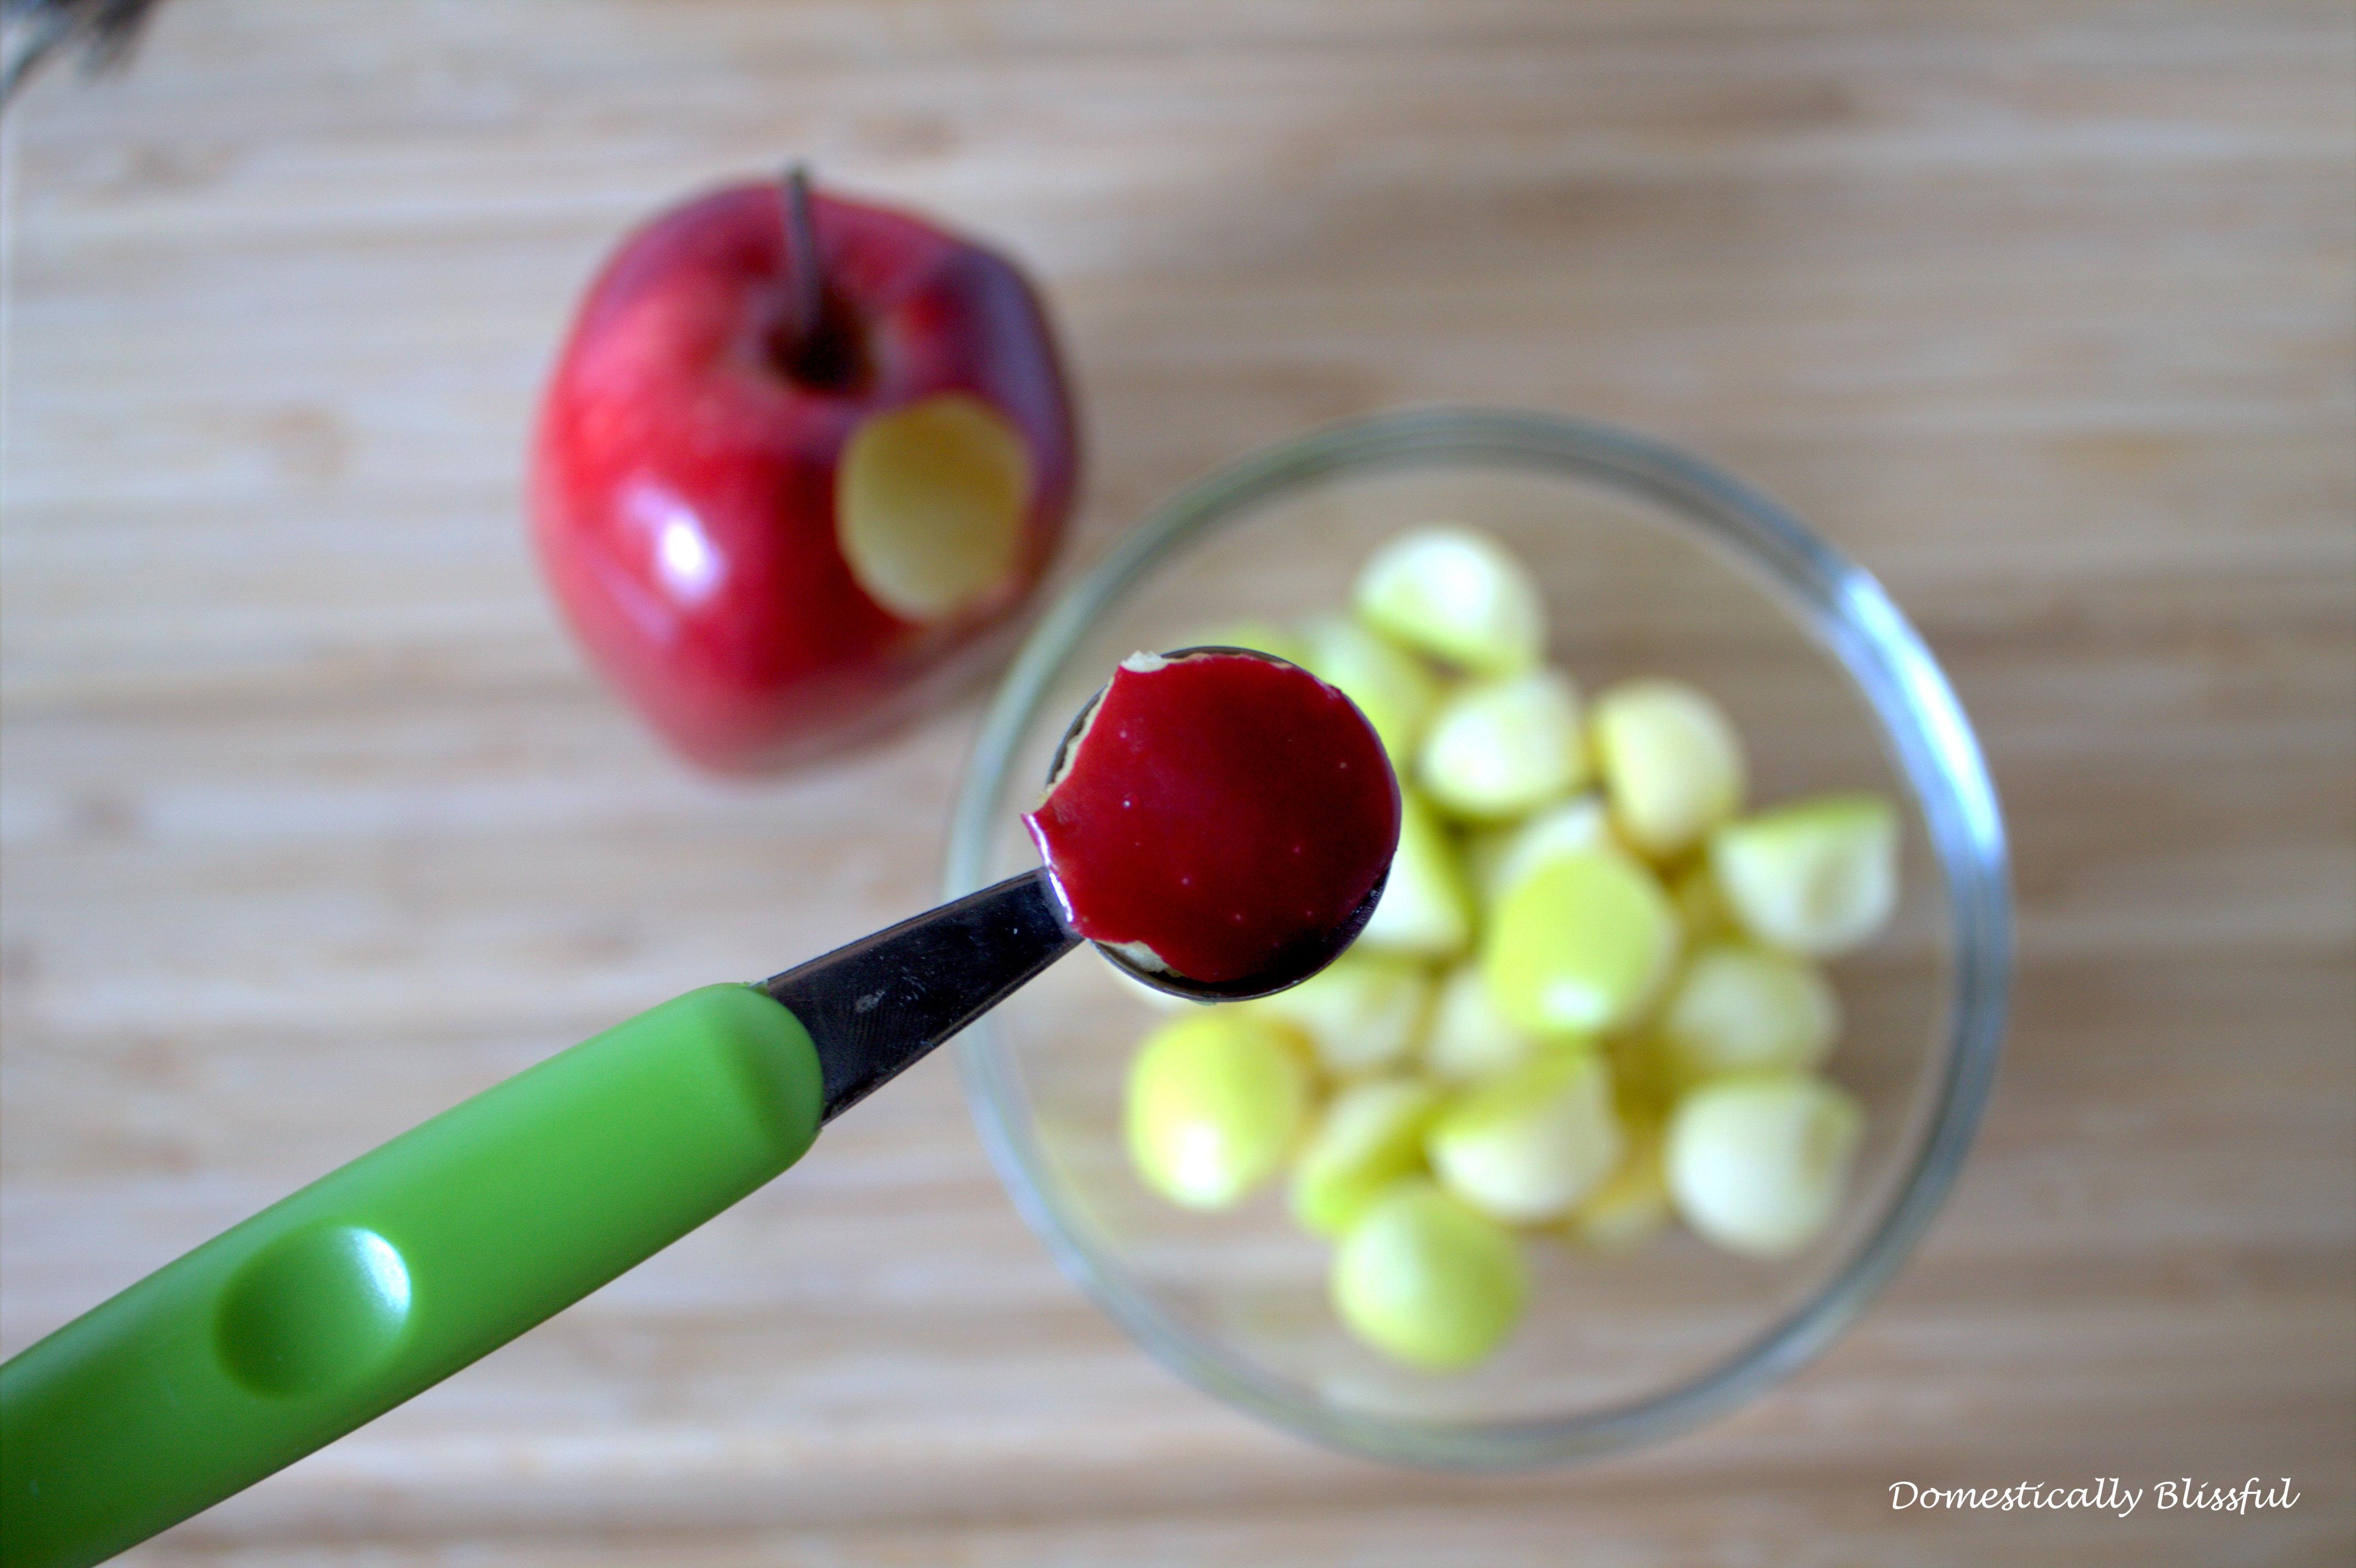 Melon Baller for Mini Caramel Apples